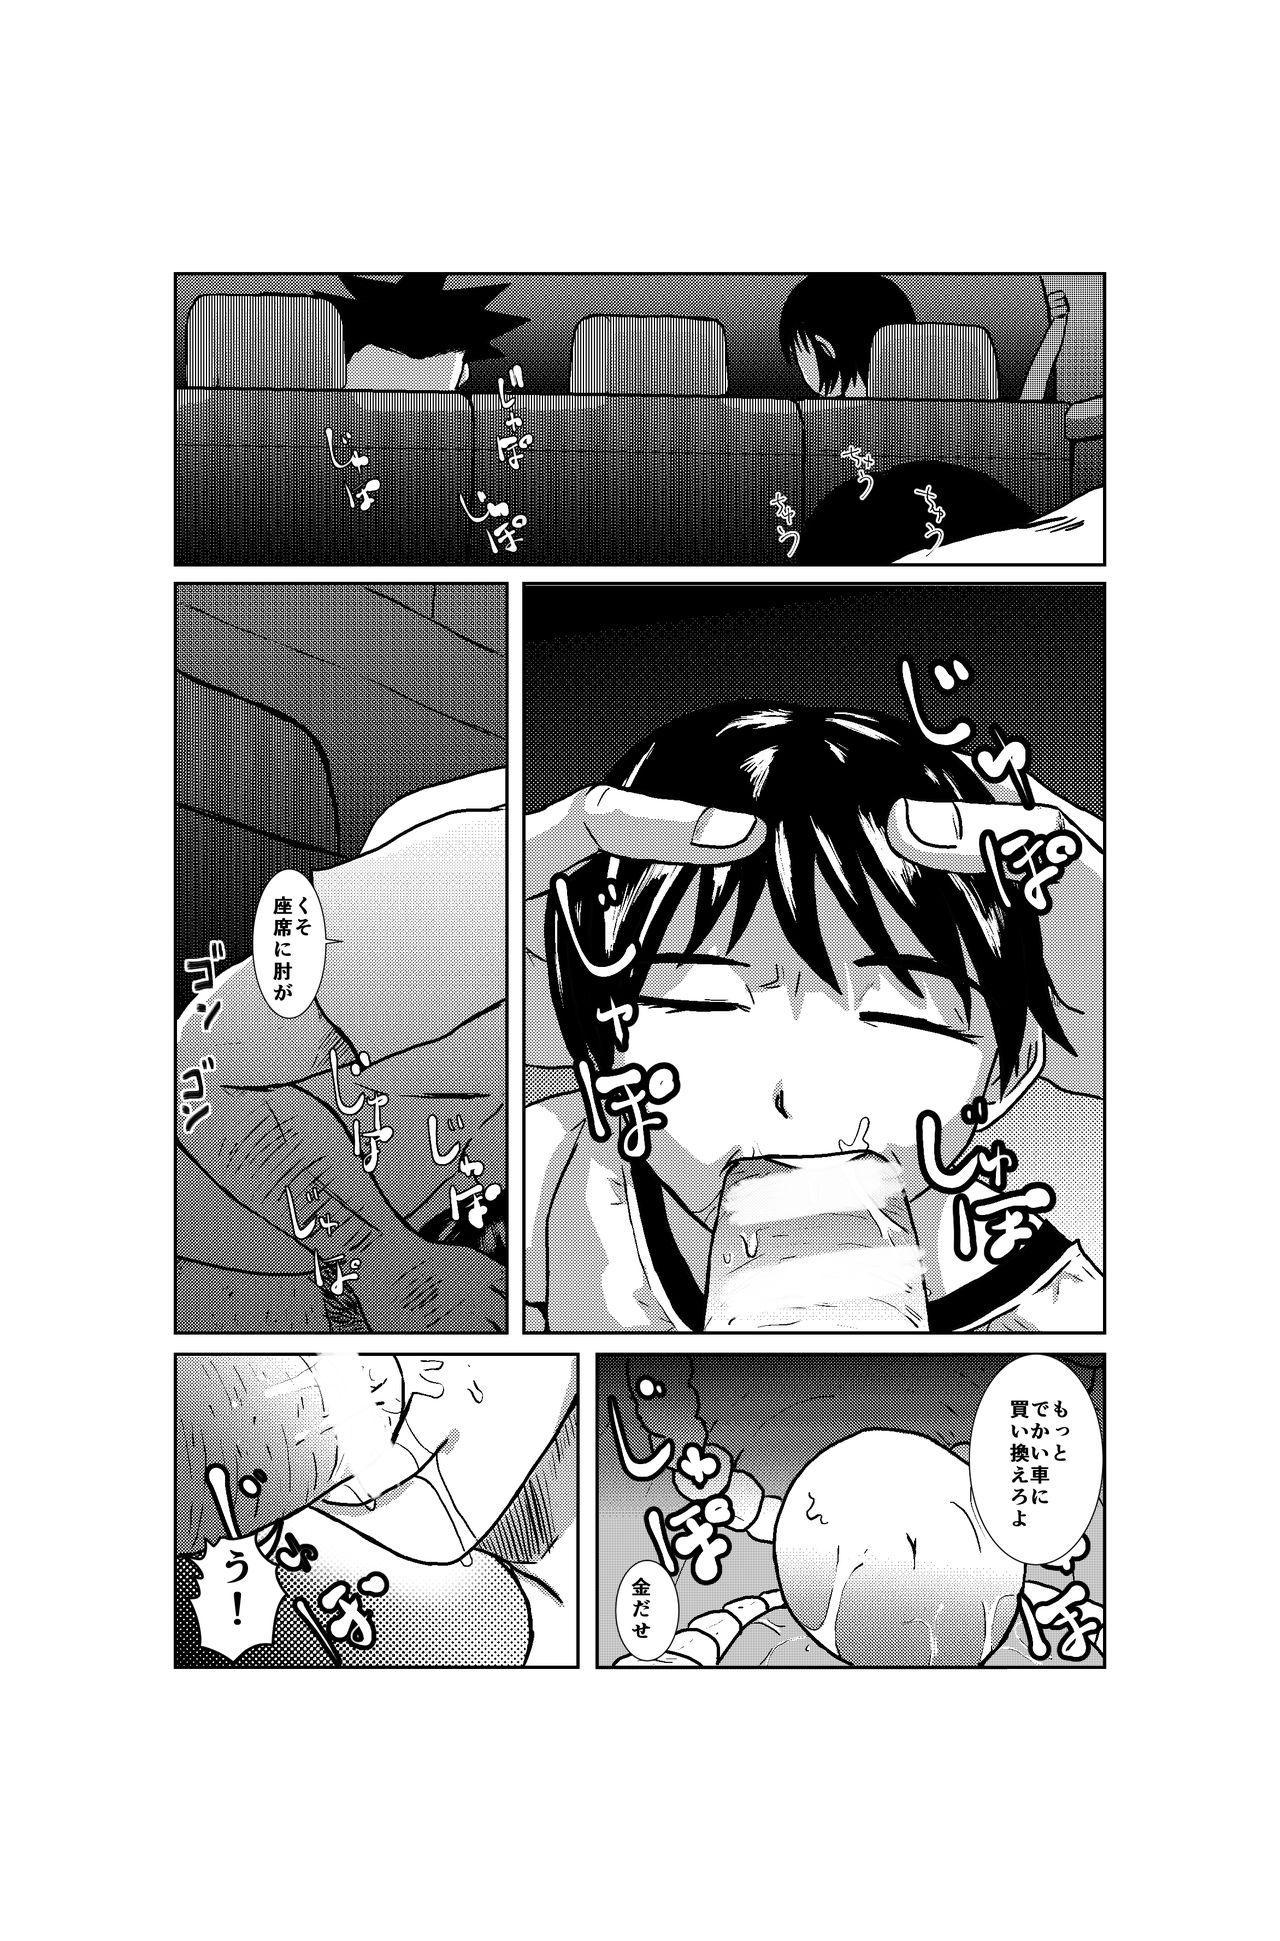 Tentai kansoku no kaeri 7